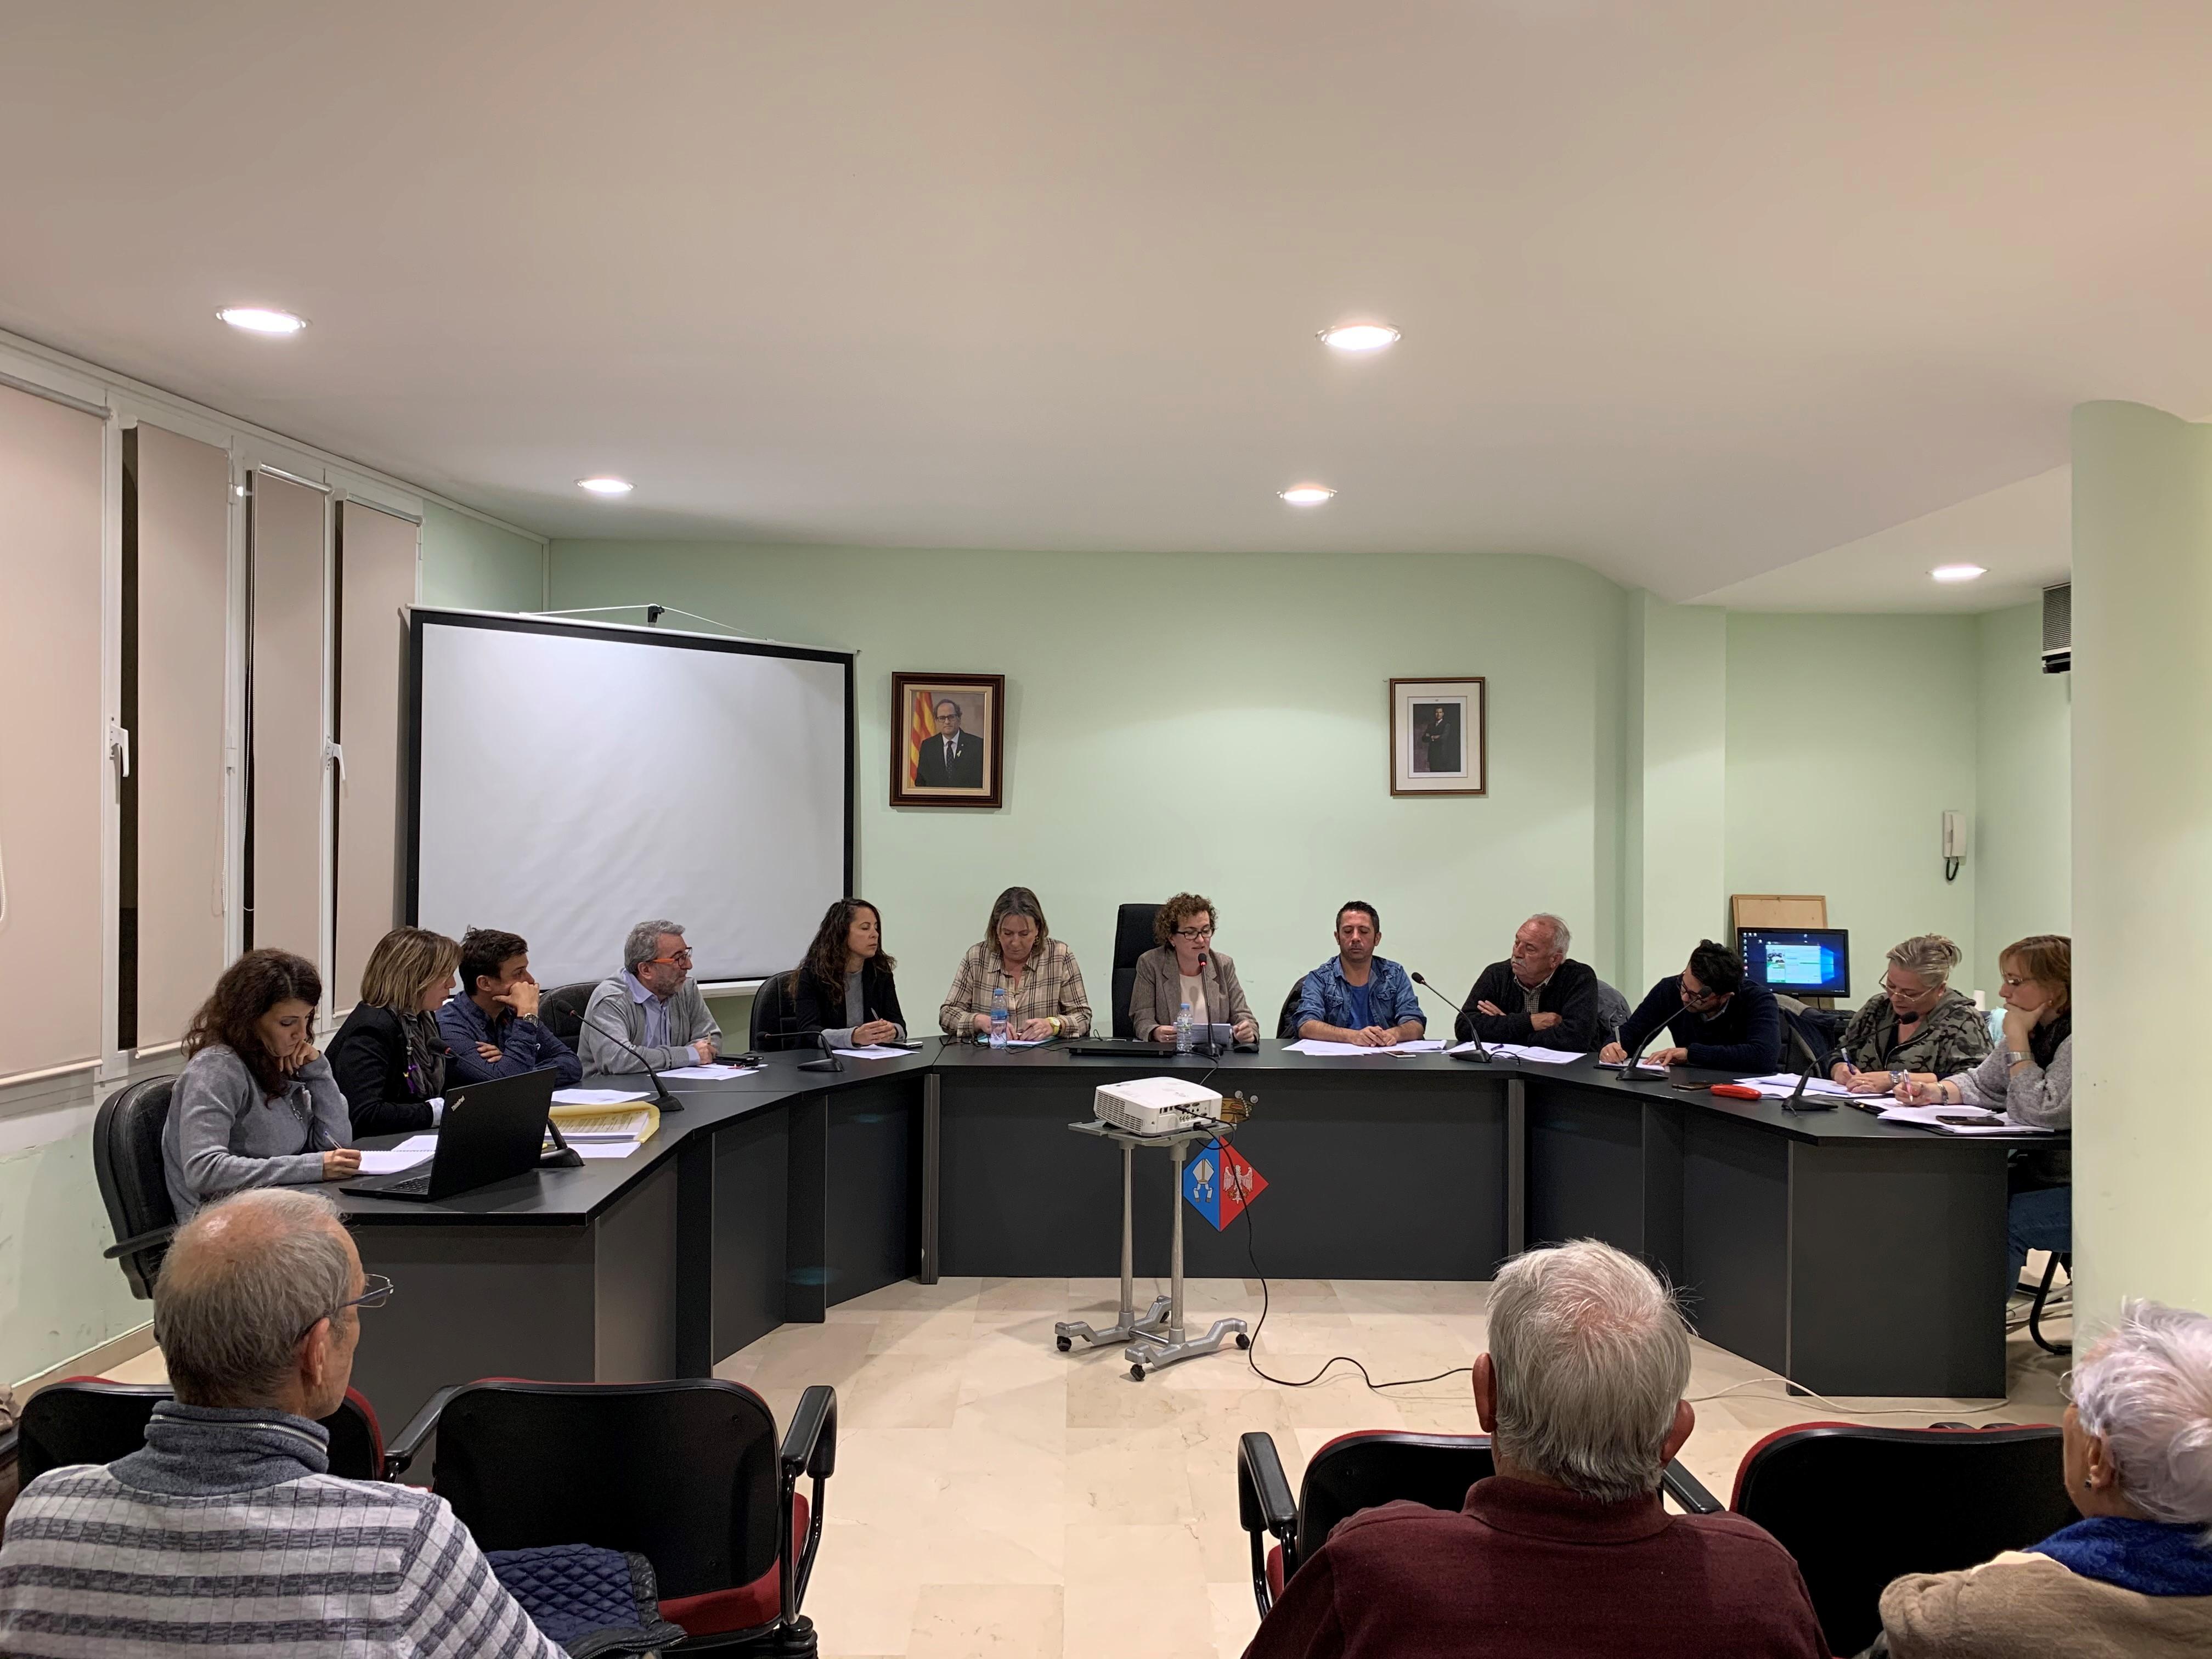 Aquest dimecres 27 de novembre s'ha celebrat un Ple extraordinari a l'Ajuntament de la Bisbal del Penedès